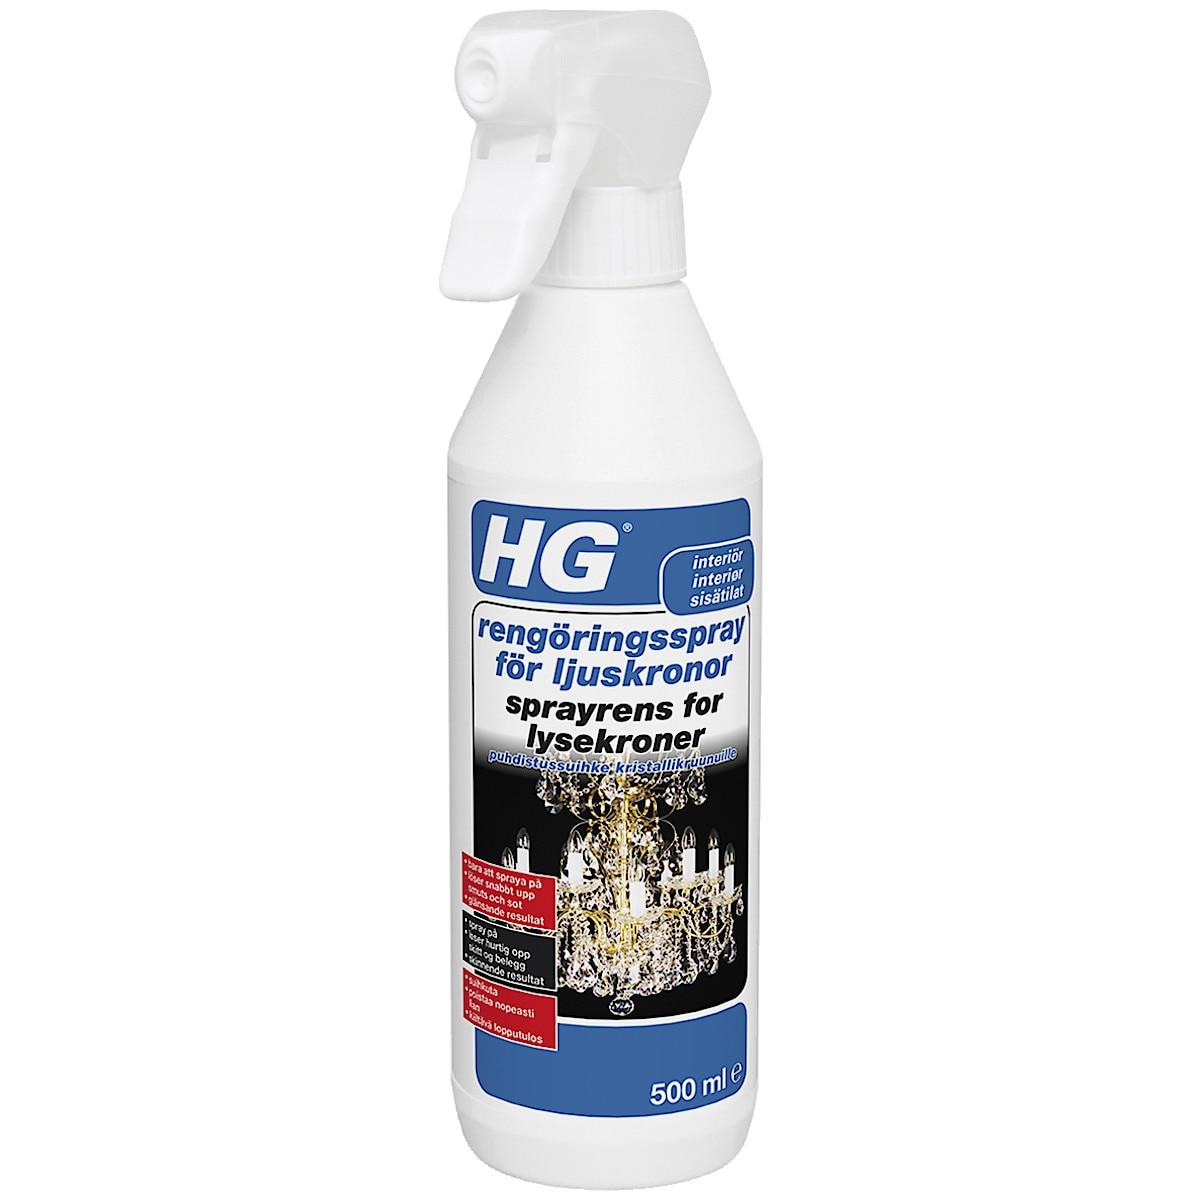 HG rengjøringsspray for lysekroner